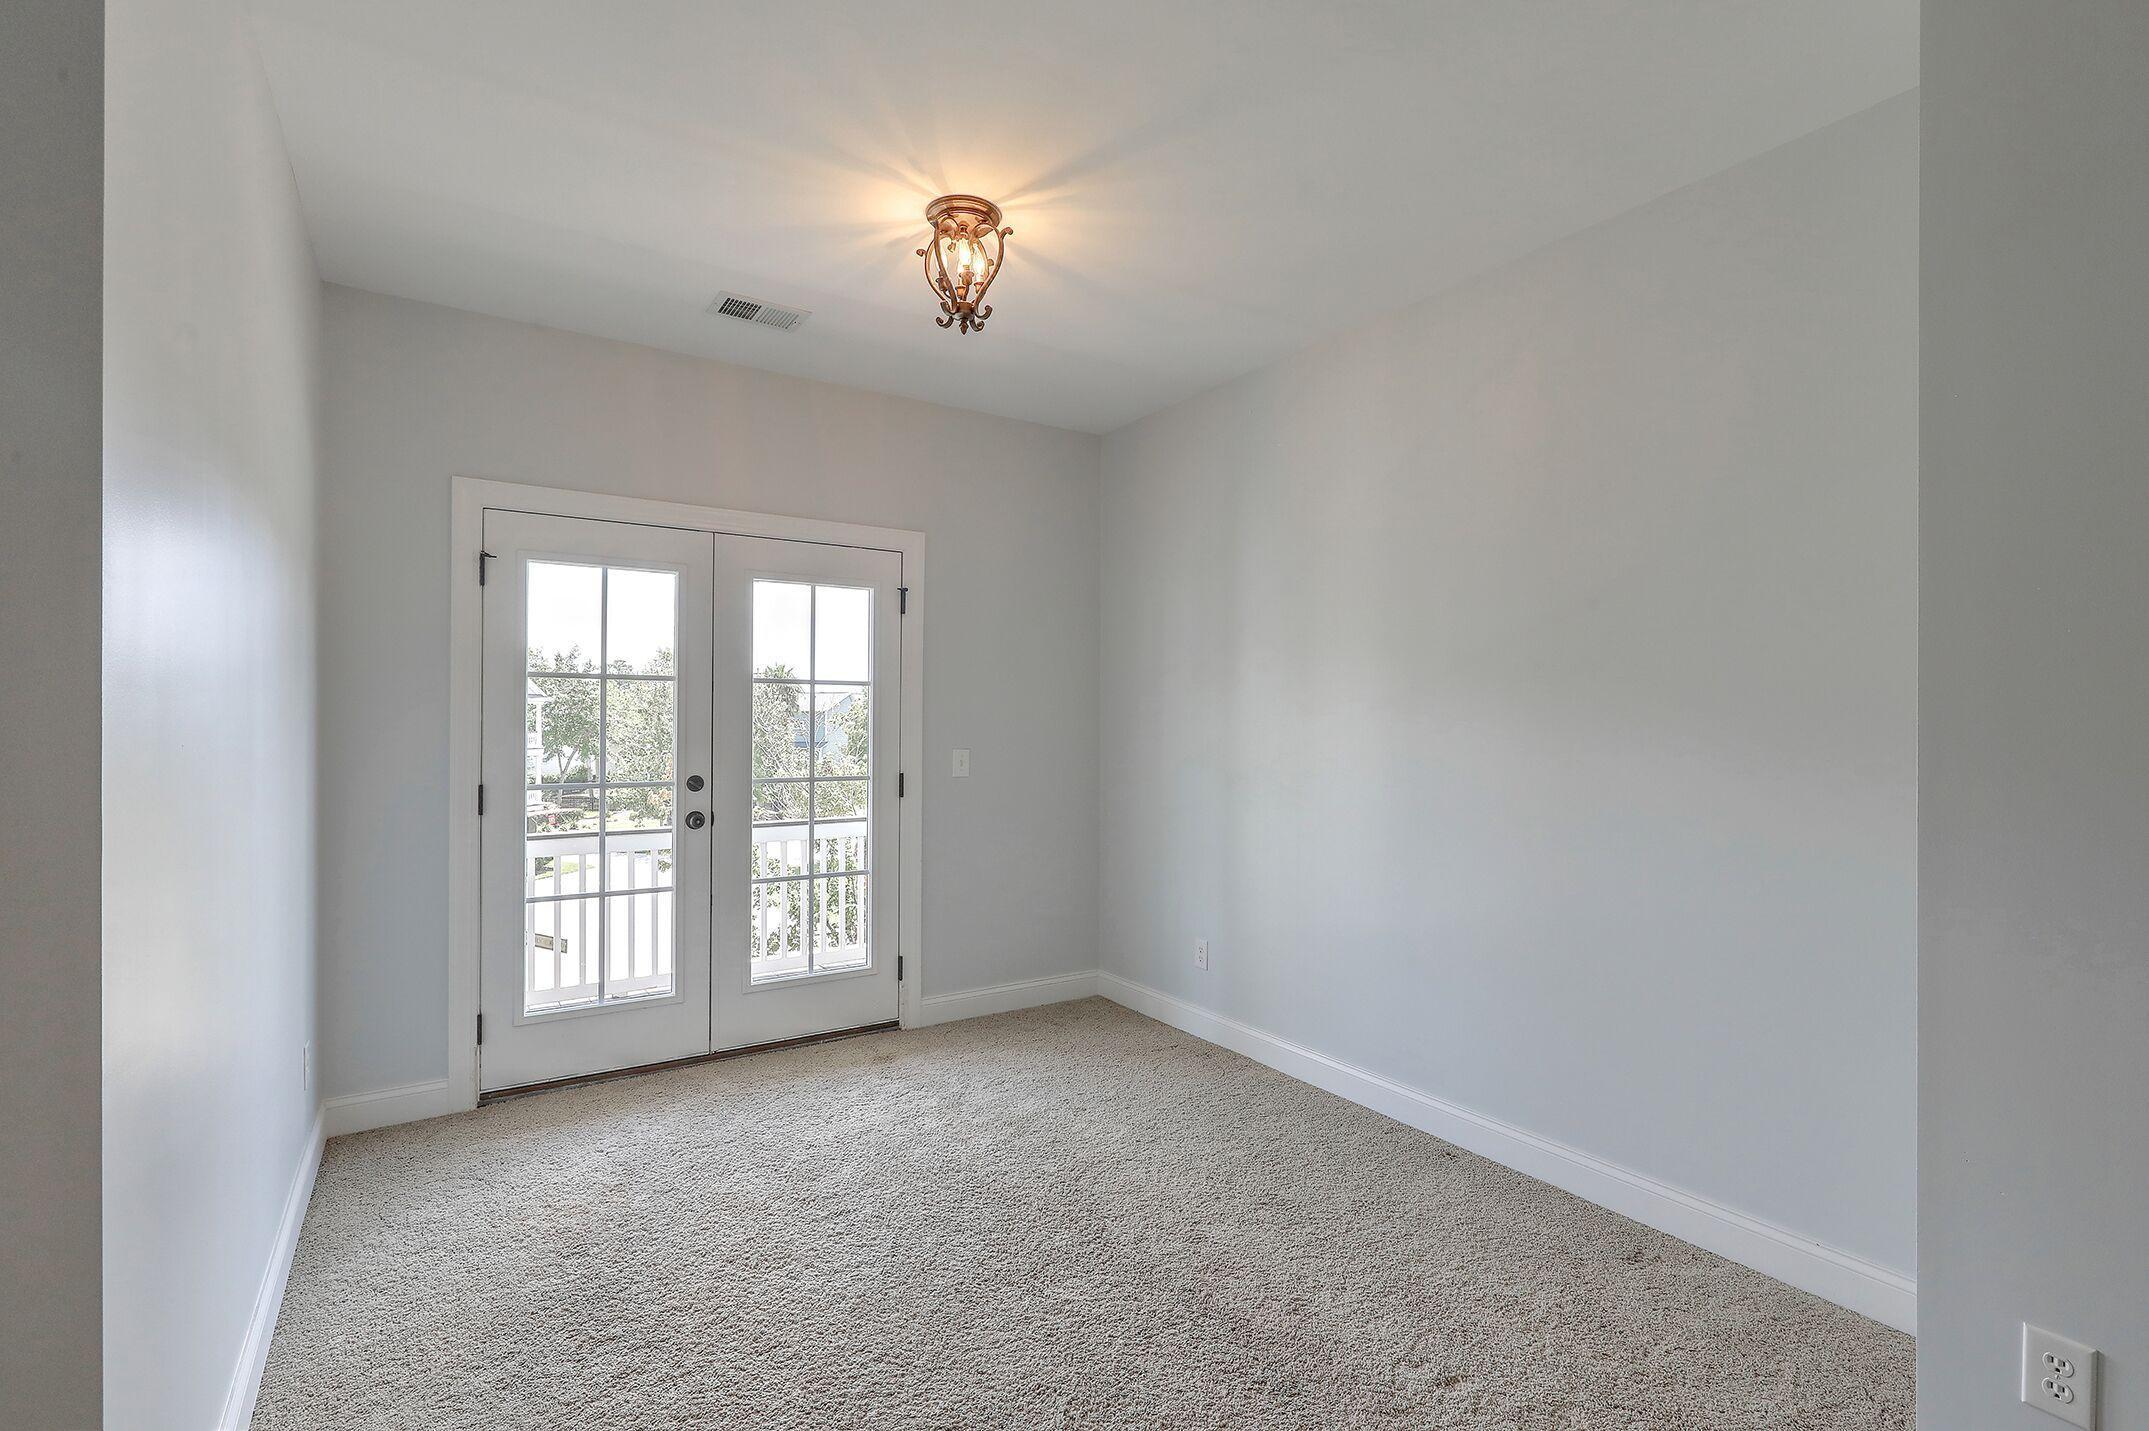 Dunes West Homes For Sale - 2970 Sturbridge, Mount Pleasant, SC - 4